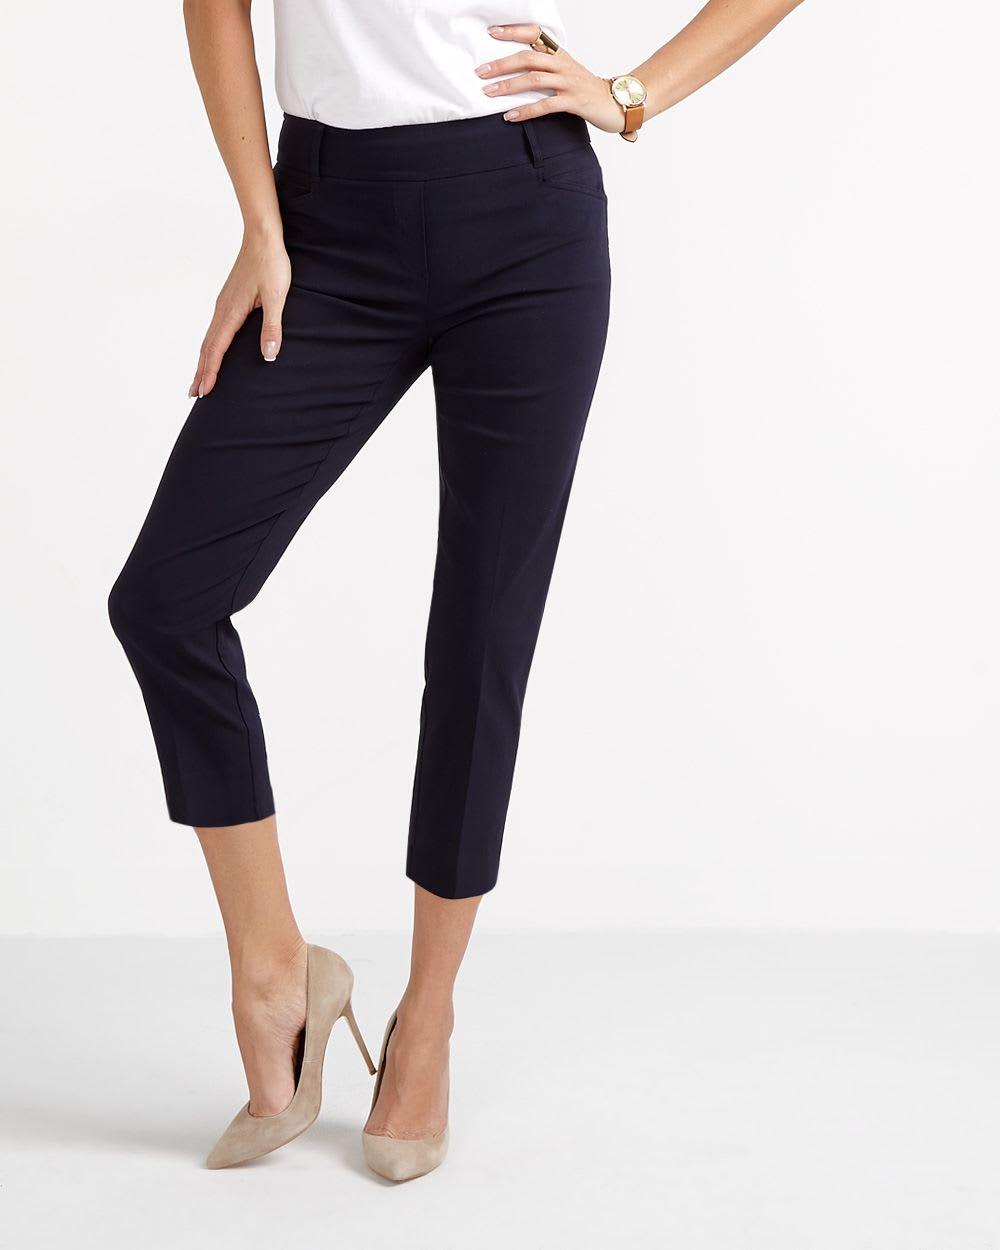 44e03e642a25 The Iconic Cropped Pants